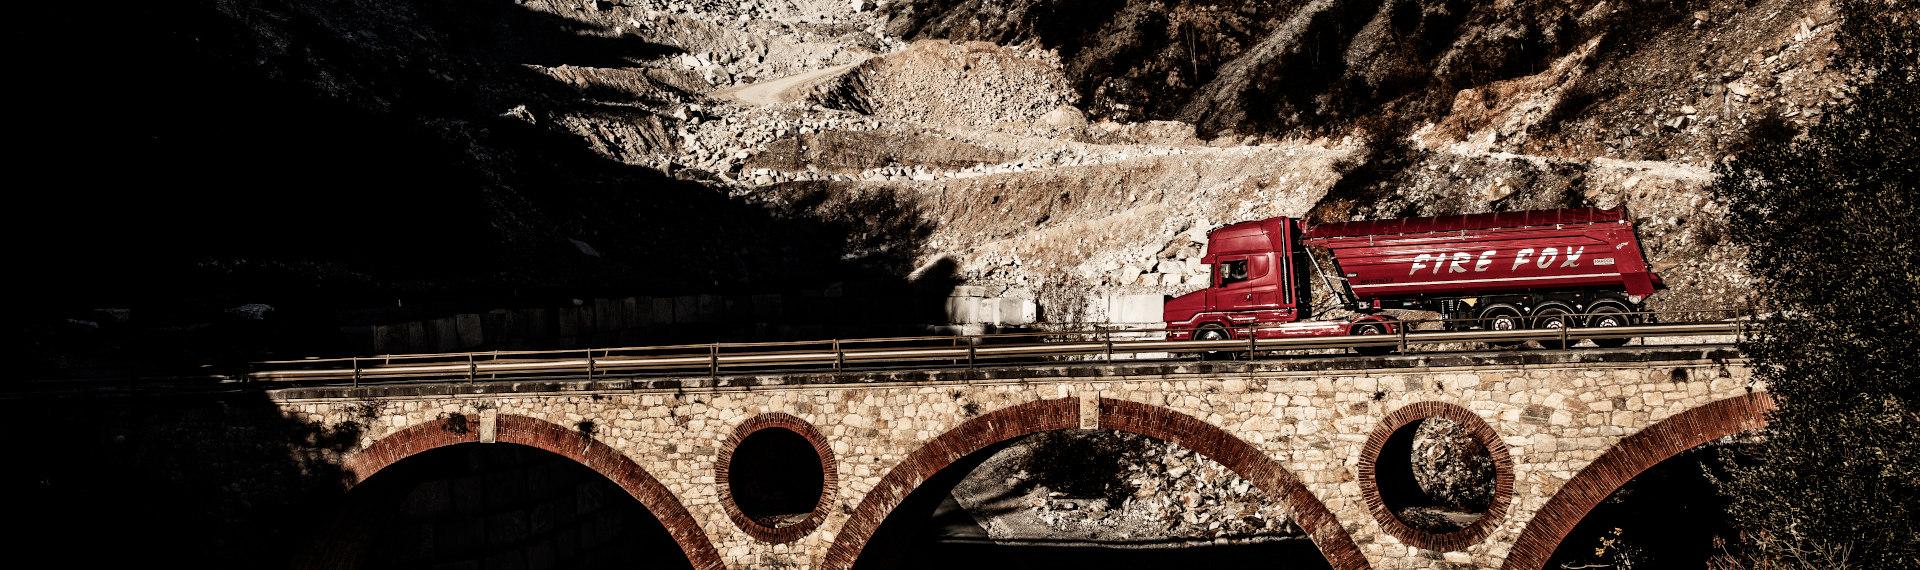 Un camión de Fire Fox de llamativo color rojo fabricado con chapas de acero Hardox® 500 Tuf cruzando un puente